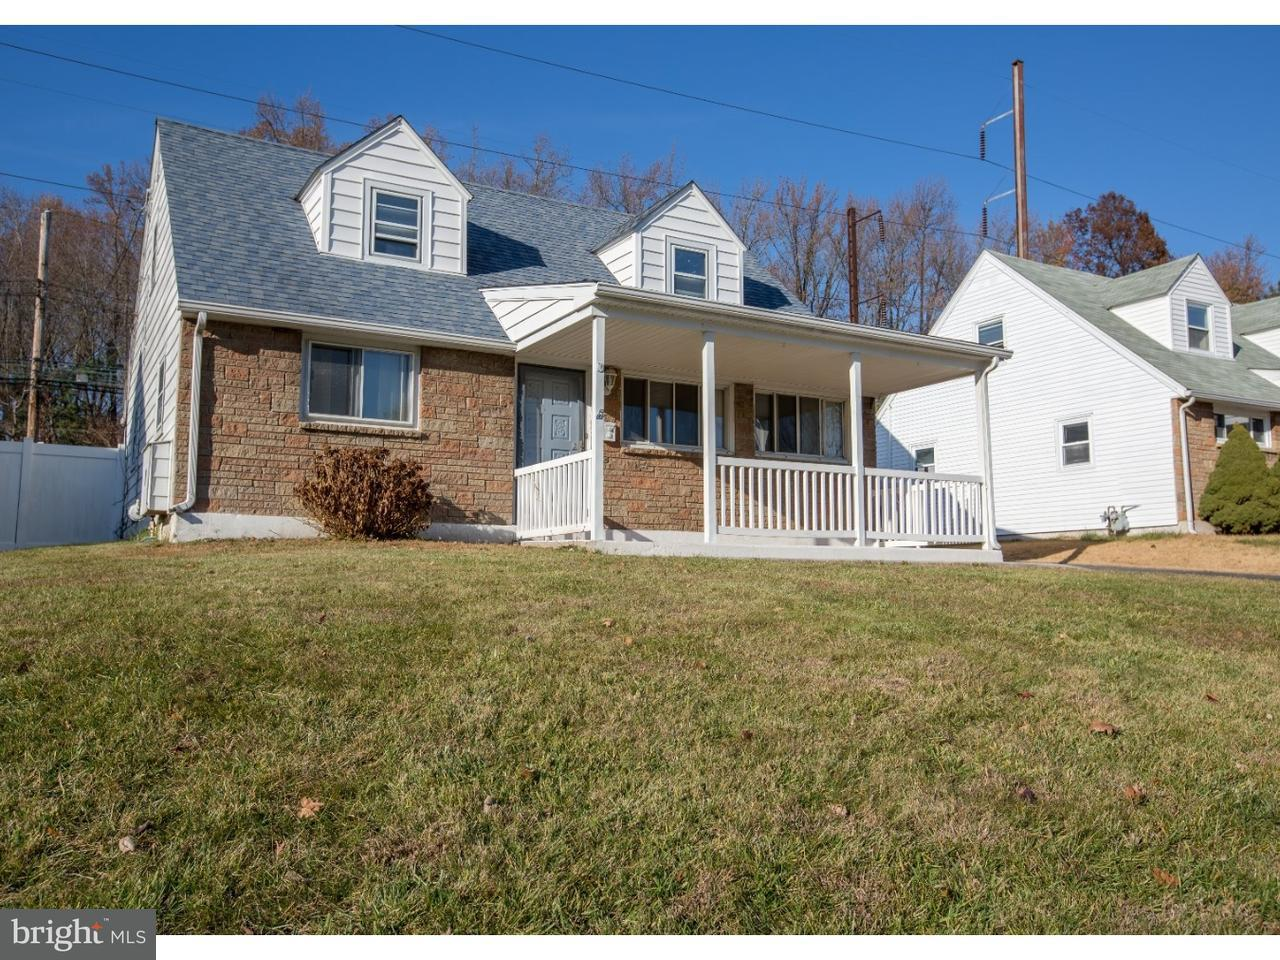 Частный односемейный дом для того Продажа на 2447 SECANE Road Secane, Пенсильвания 19018 Соединенные Штаты